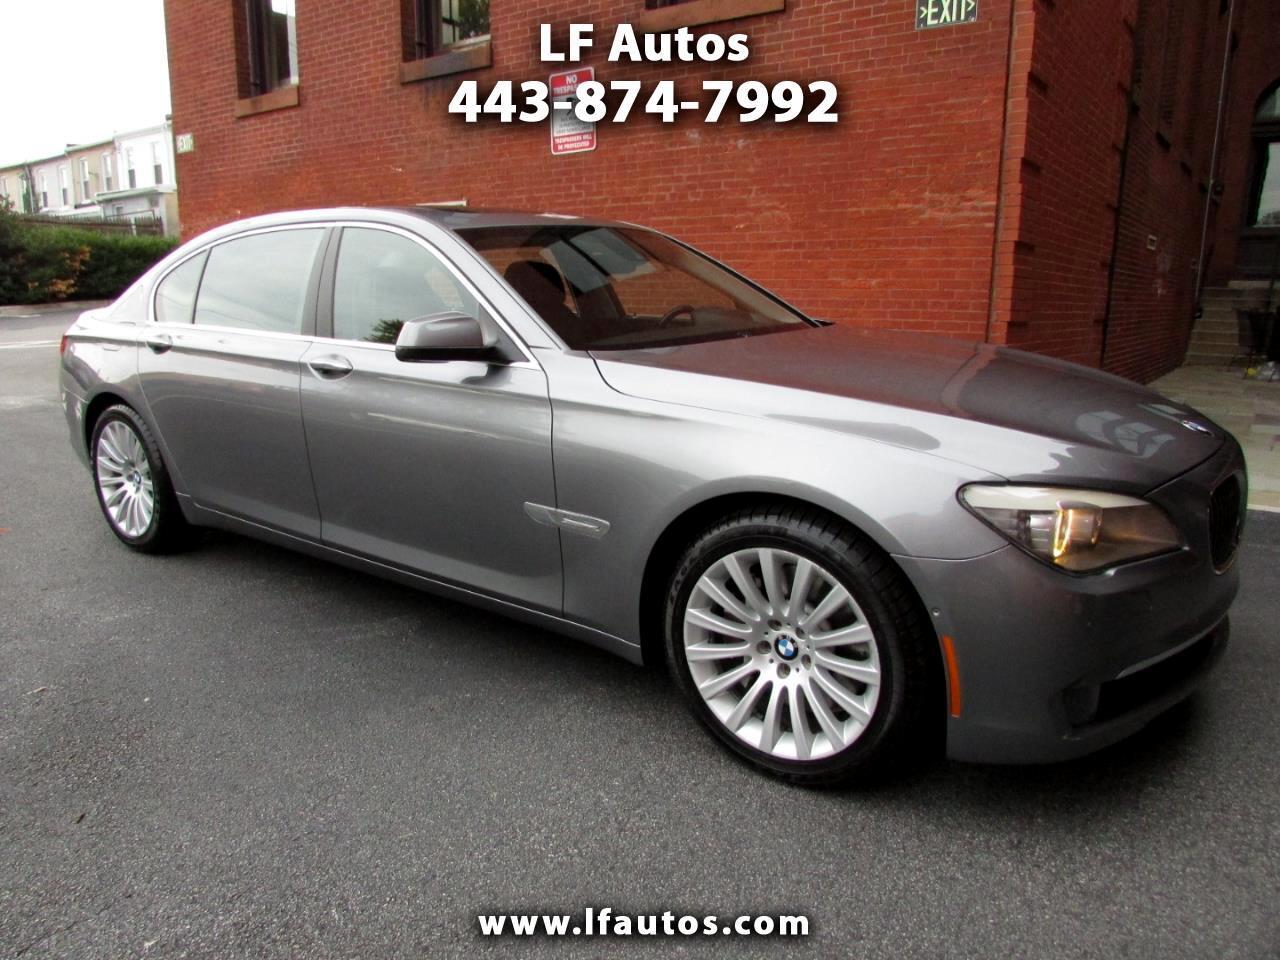 2012 BMW 7 Series 4dr Sdn 750Li RWD